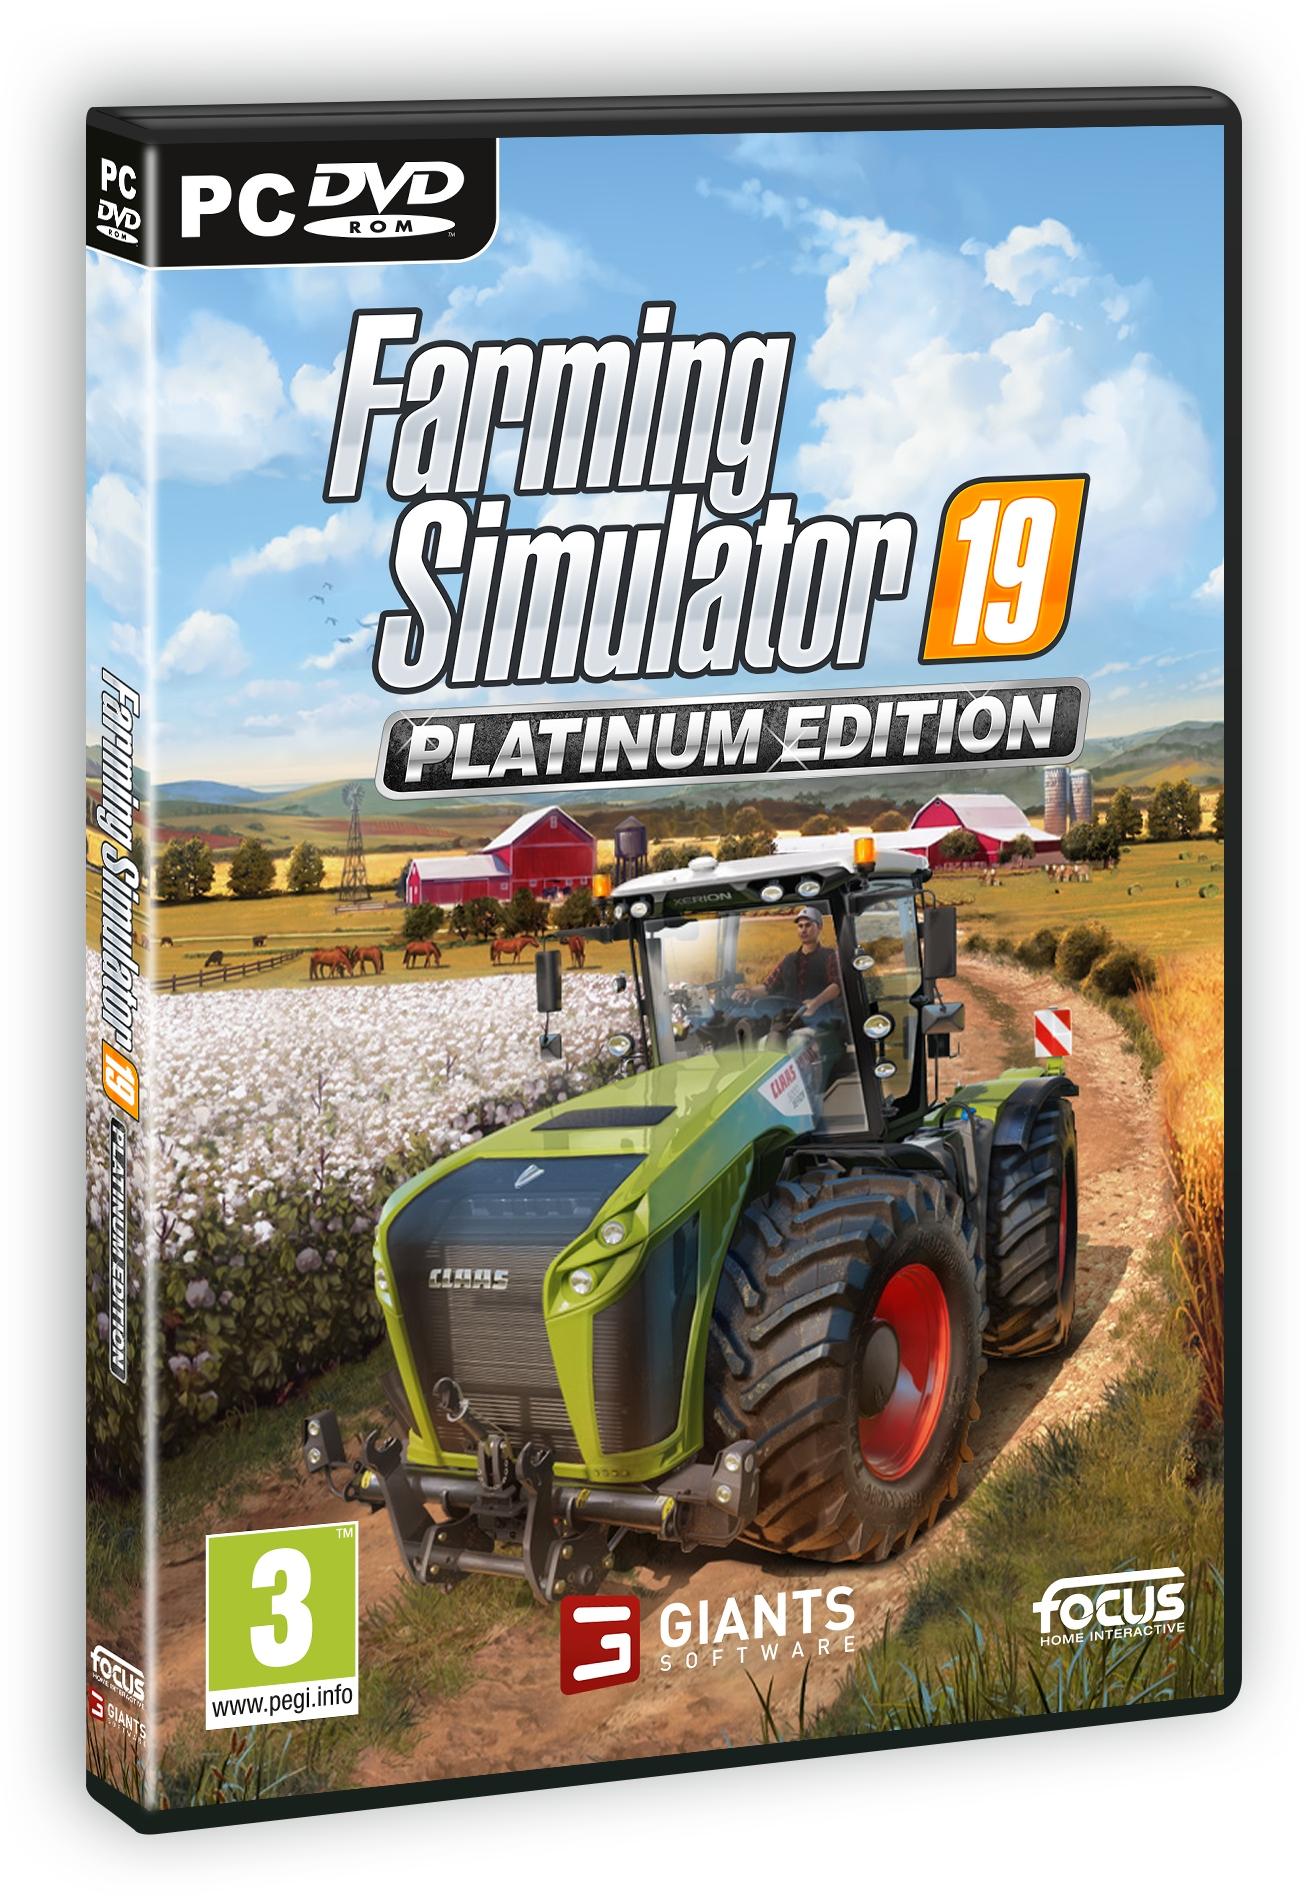 Item Farming Simulator 19, PC Edit platinum